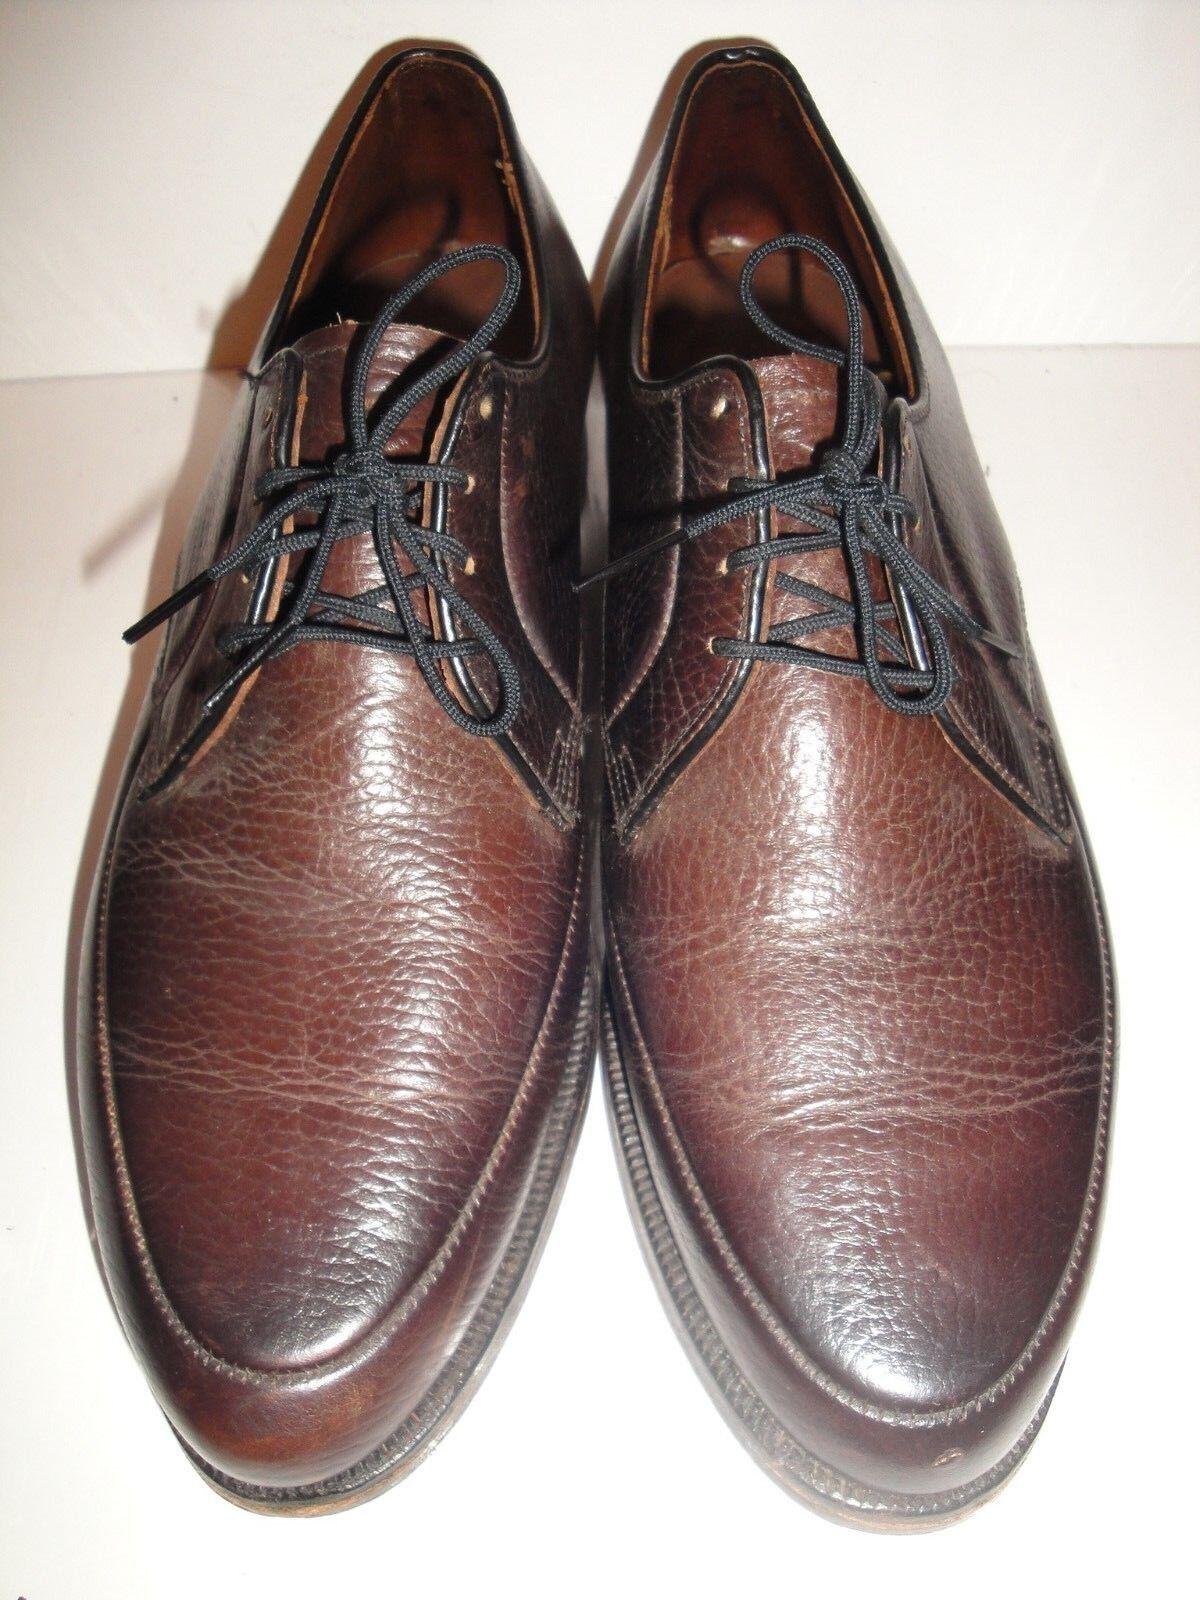 Stuart Holmes  Executives  Brown Leather Oxfords Men's shoes Size 8M